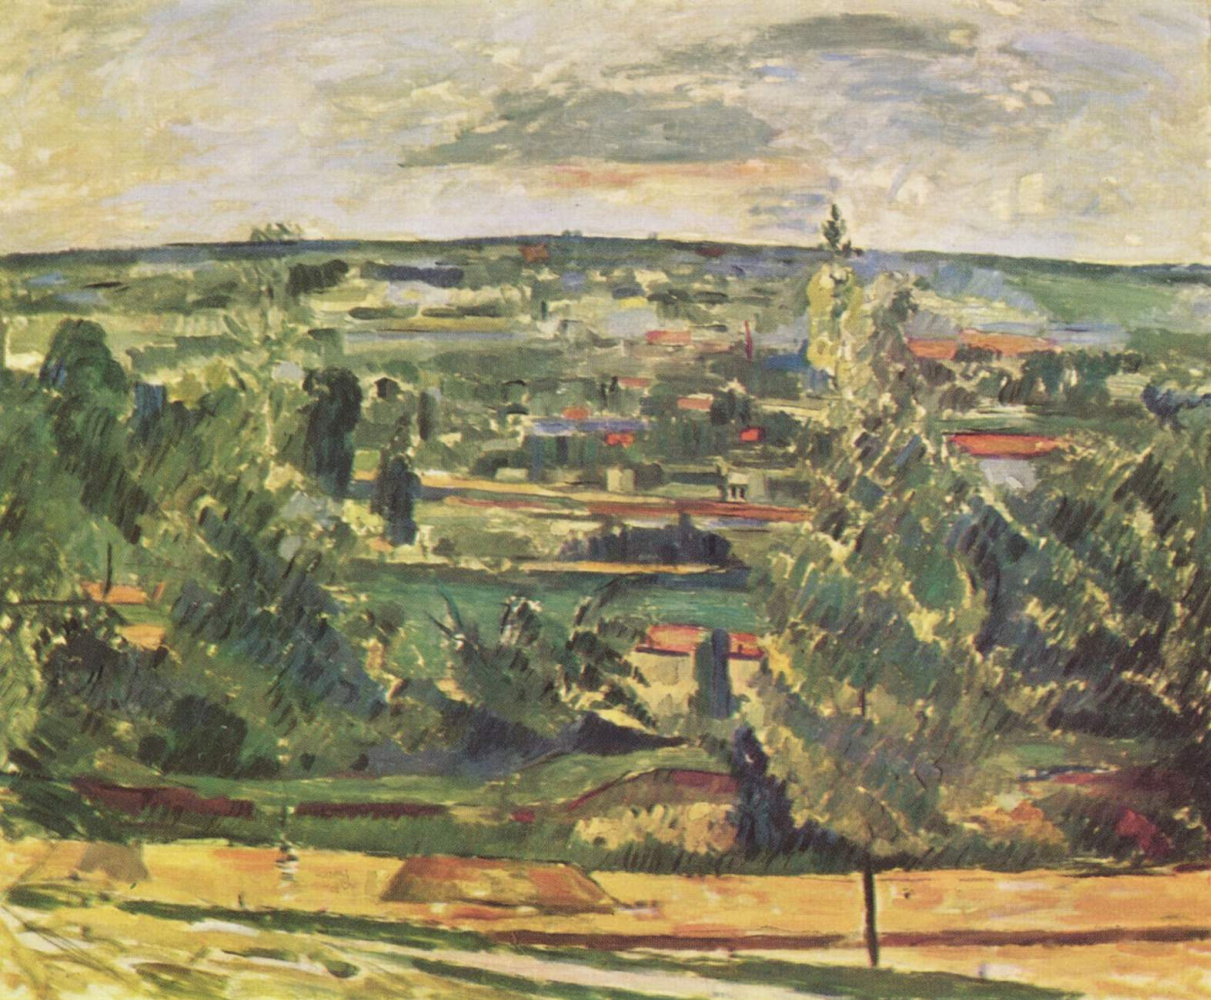 Paul Cezanne. Landscape in Ms. de Bouffan